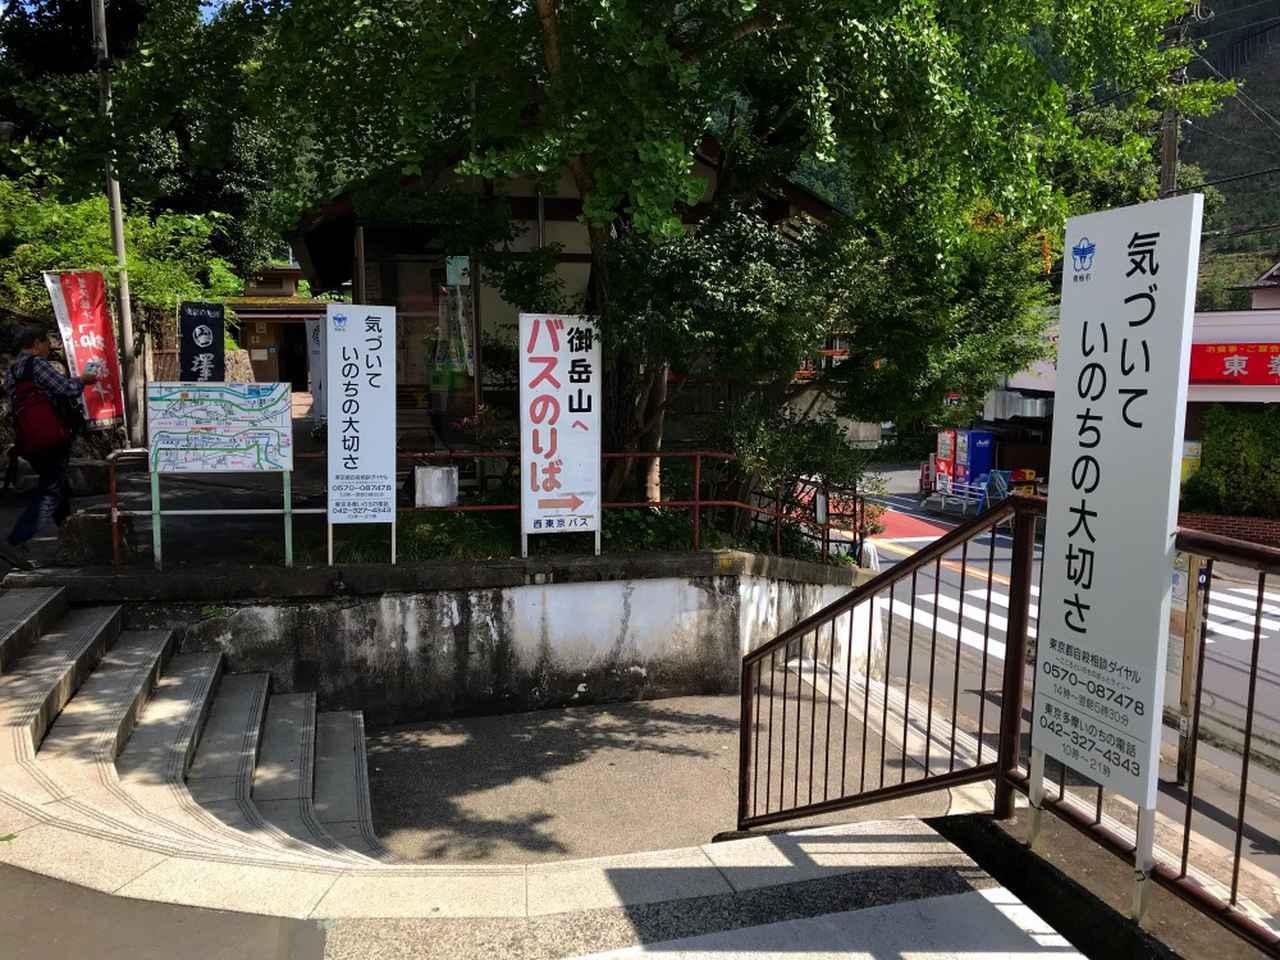 画像: 筆者撮影:御嶽駅バス乗り場案内